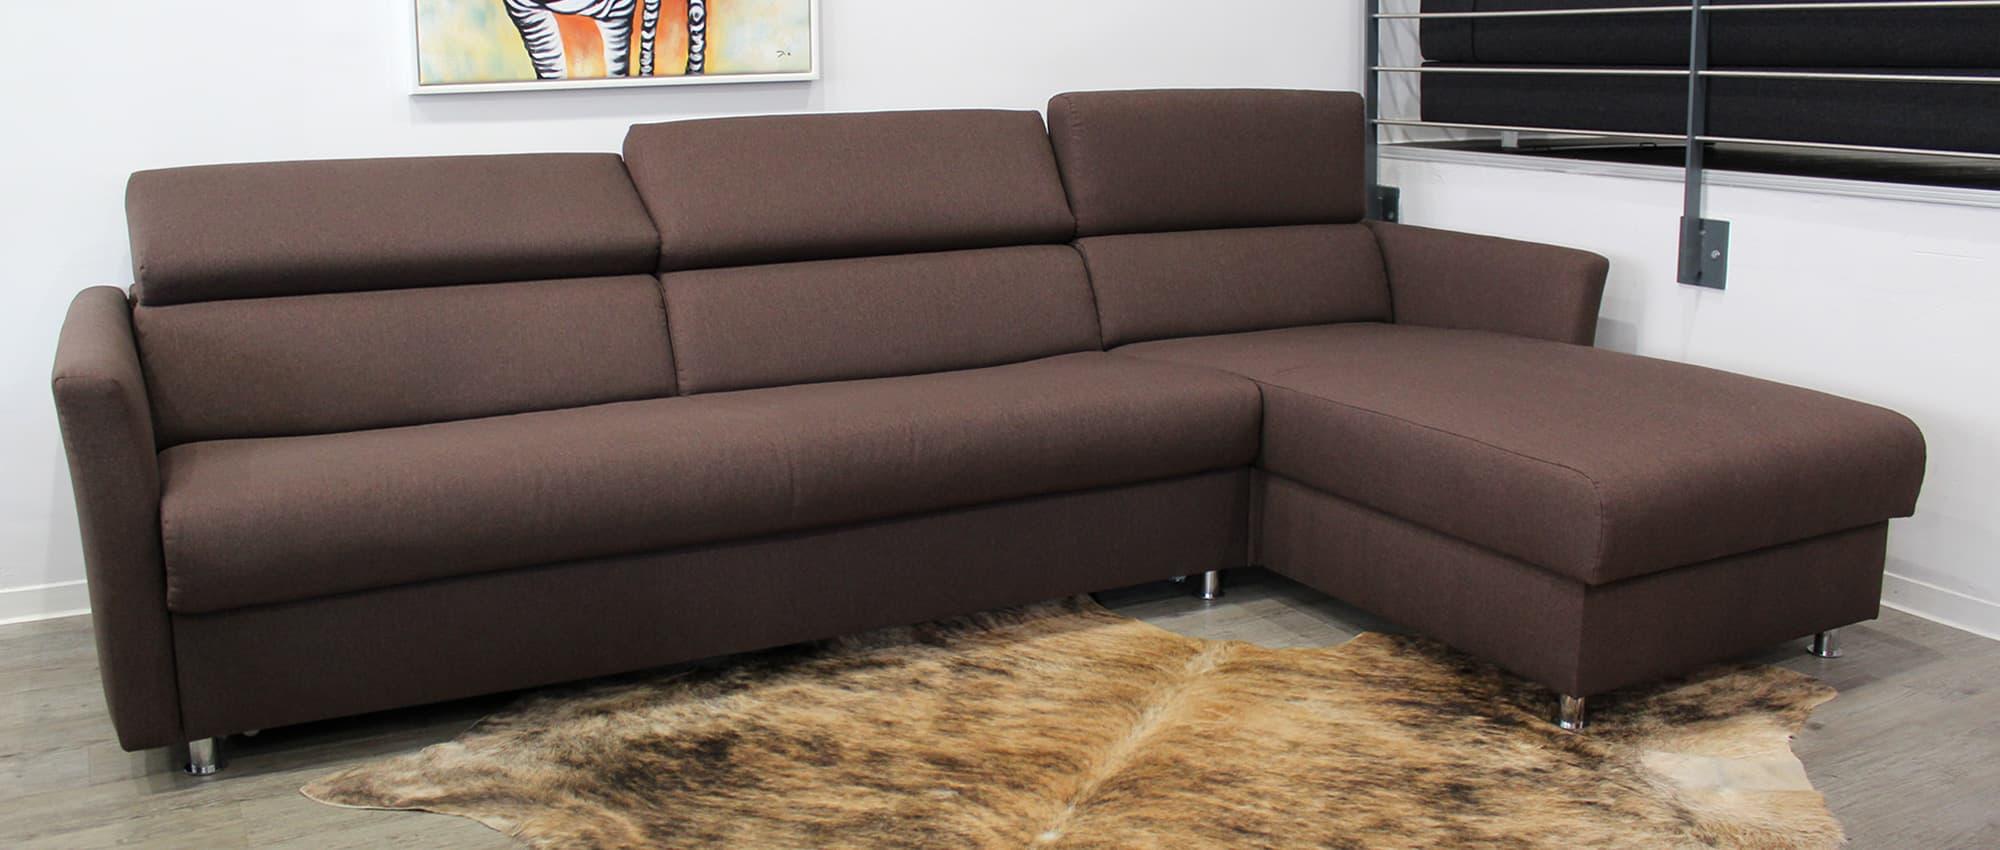 m nchen deluxe eckschlafsofa von sofaplus. Black Bedroom Furniture Sets. Home Design Ideas